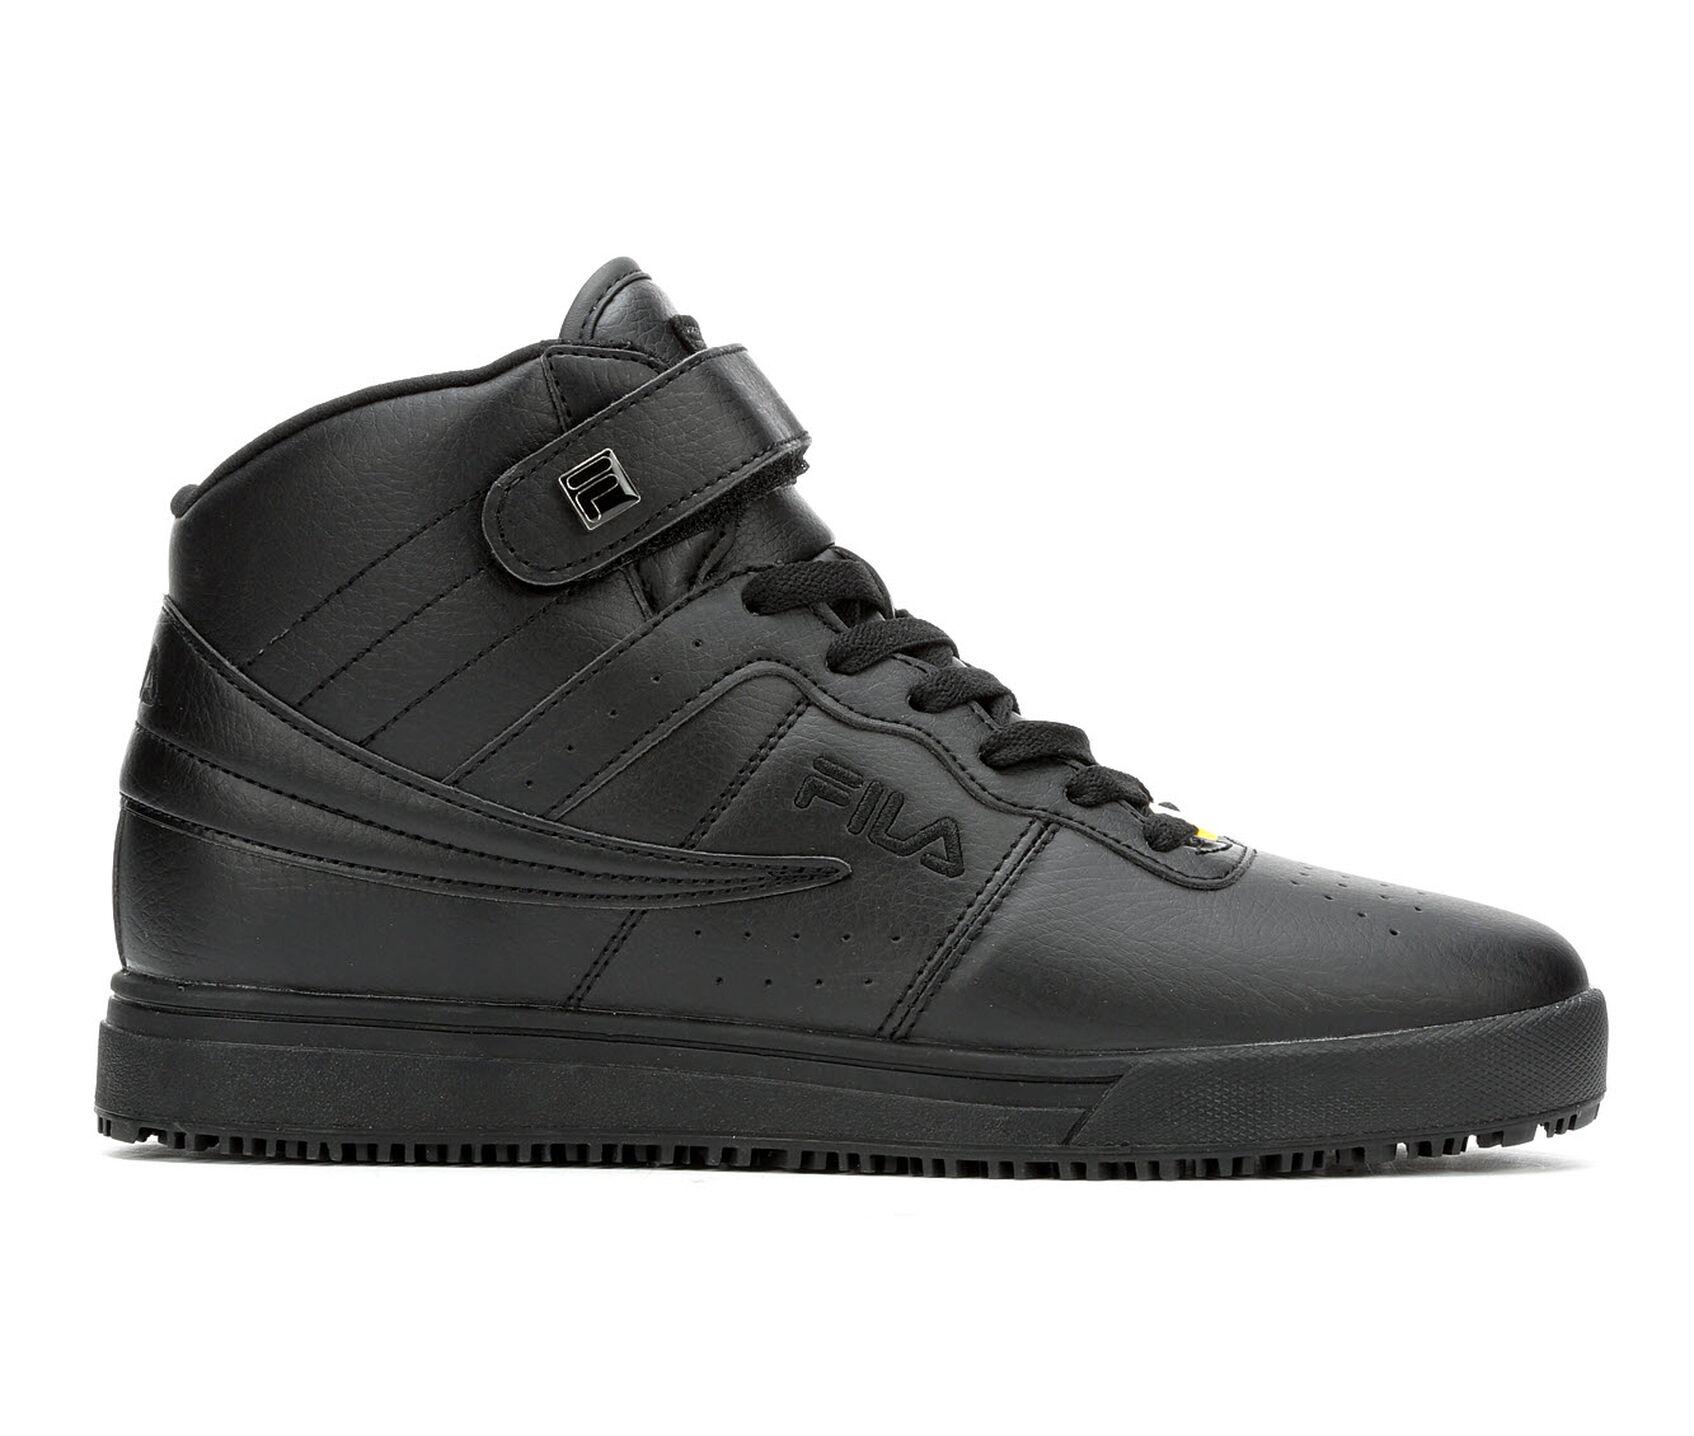 c8b83d38 Men's Fila Vulc 13 Slip Resistant Safety Shoes